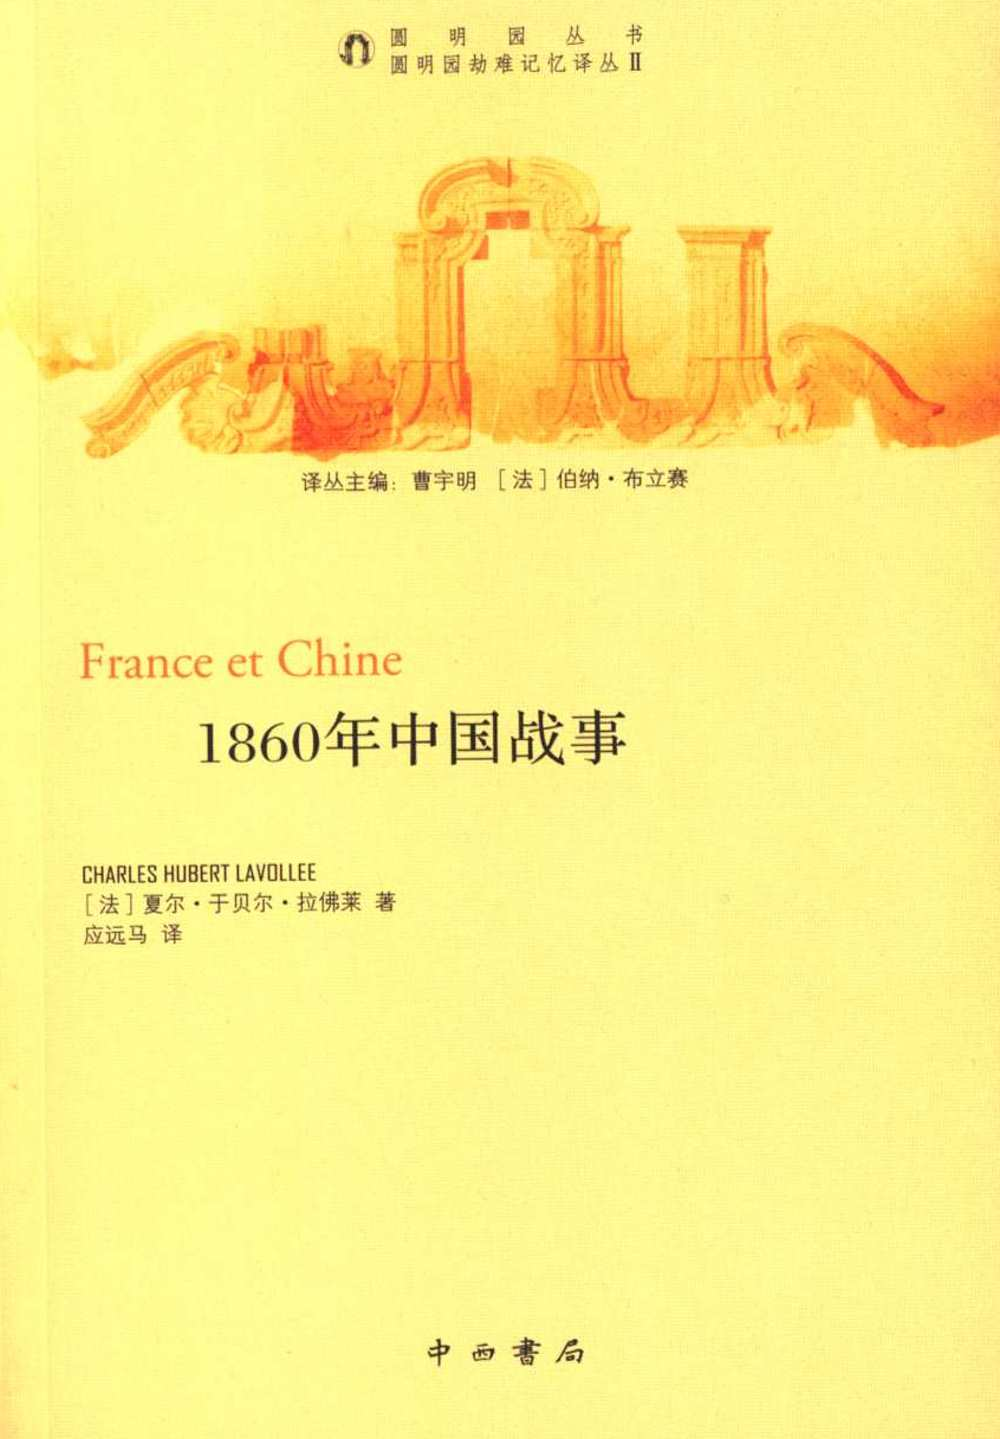 1860年中國戰事